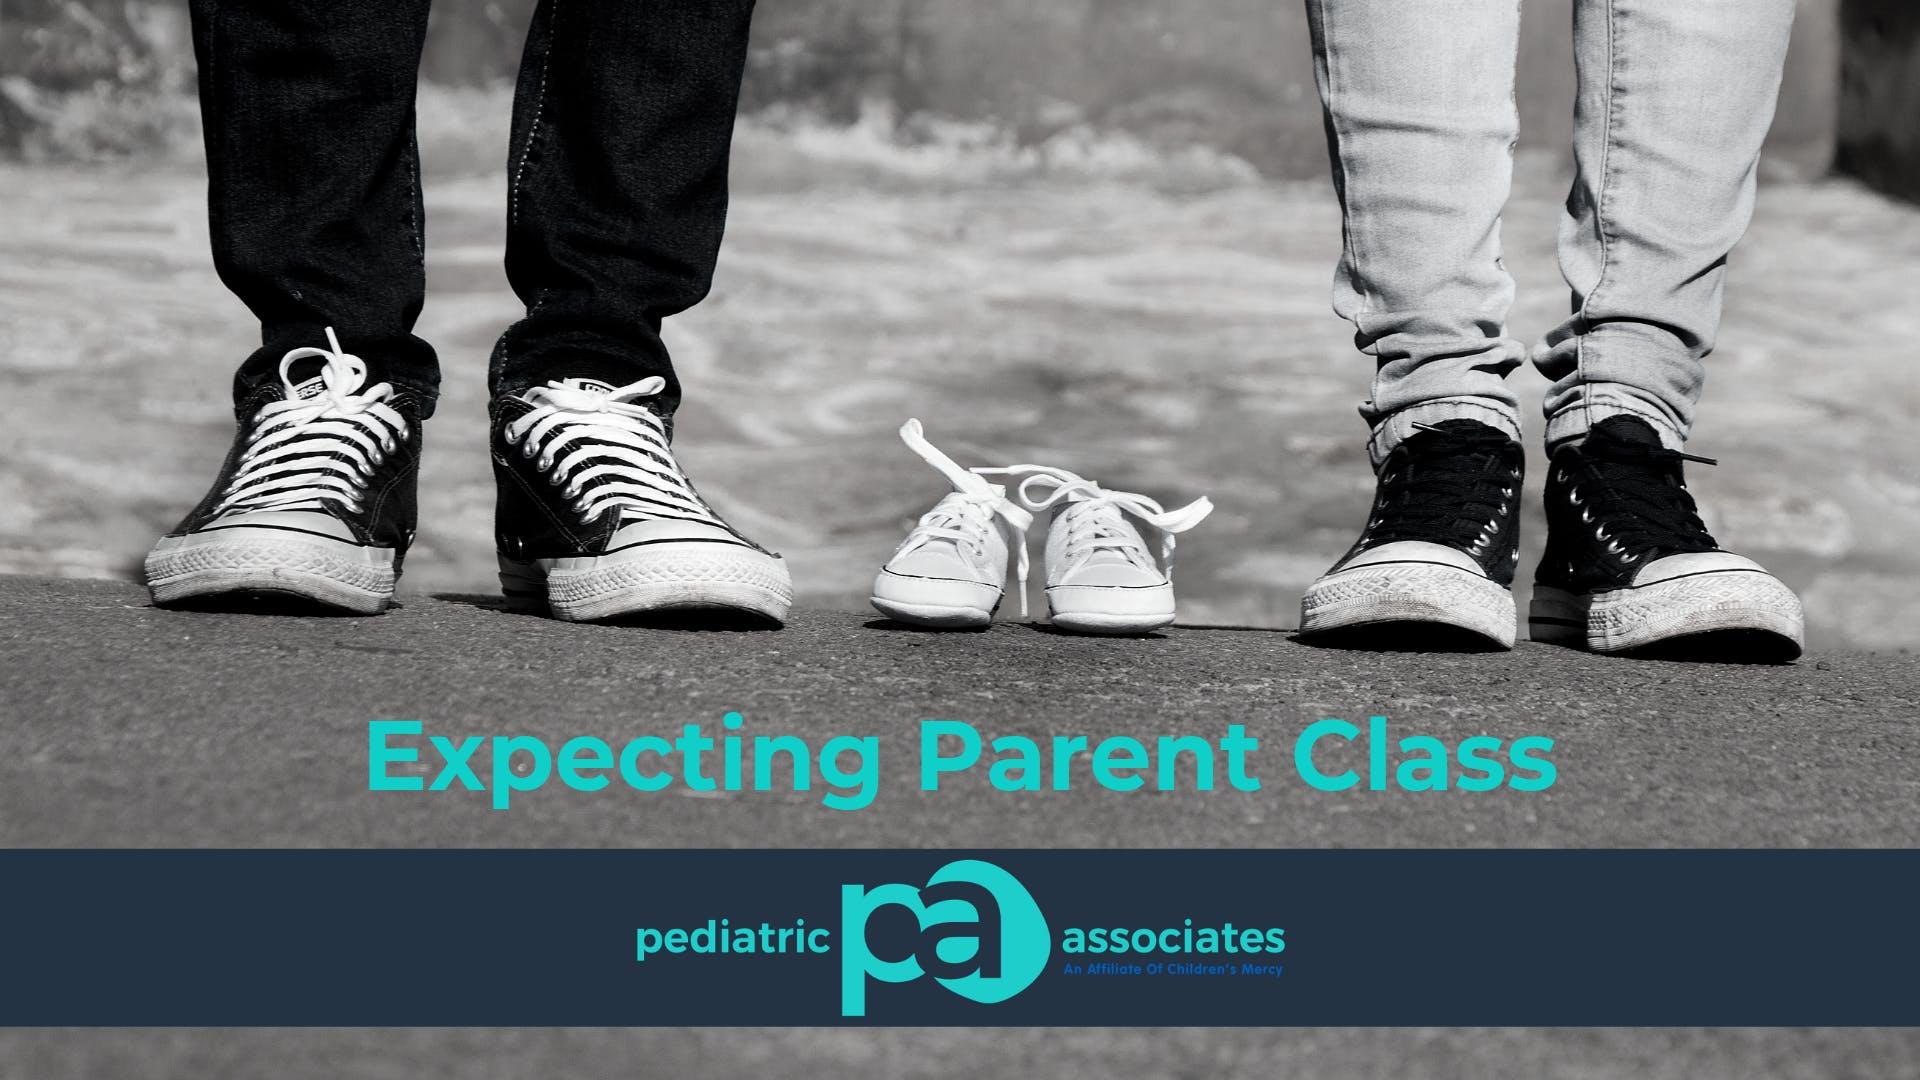 Expecting Parent Class with Dr. Natasha Burgert